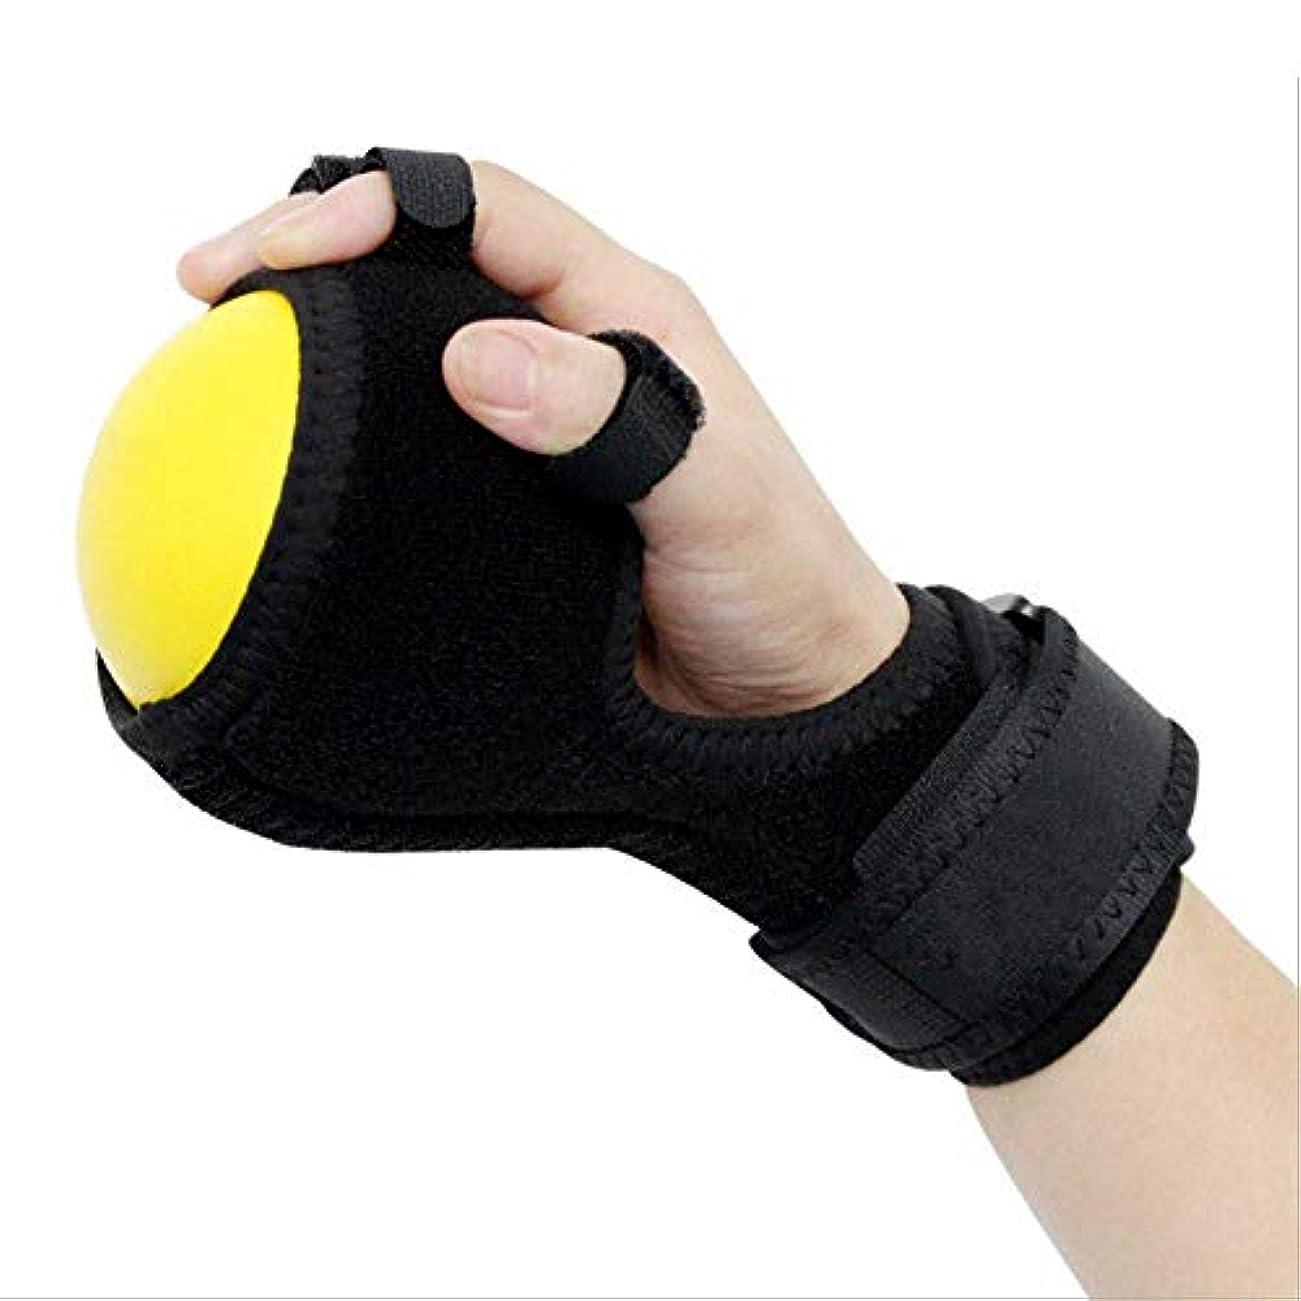 人道的直立小康指装具、指板訓練器具抗痙攣性ボールスプリントハンド機能障害指装具ハンドボールエクササイズ指片麻痺